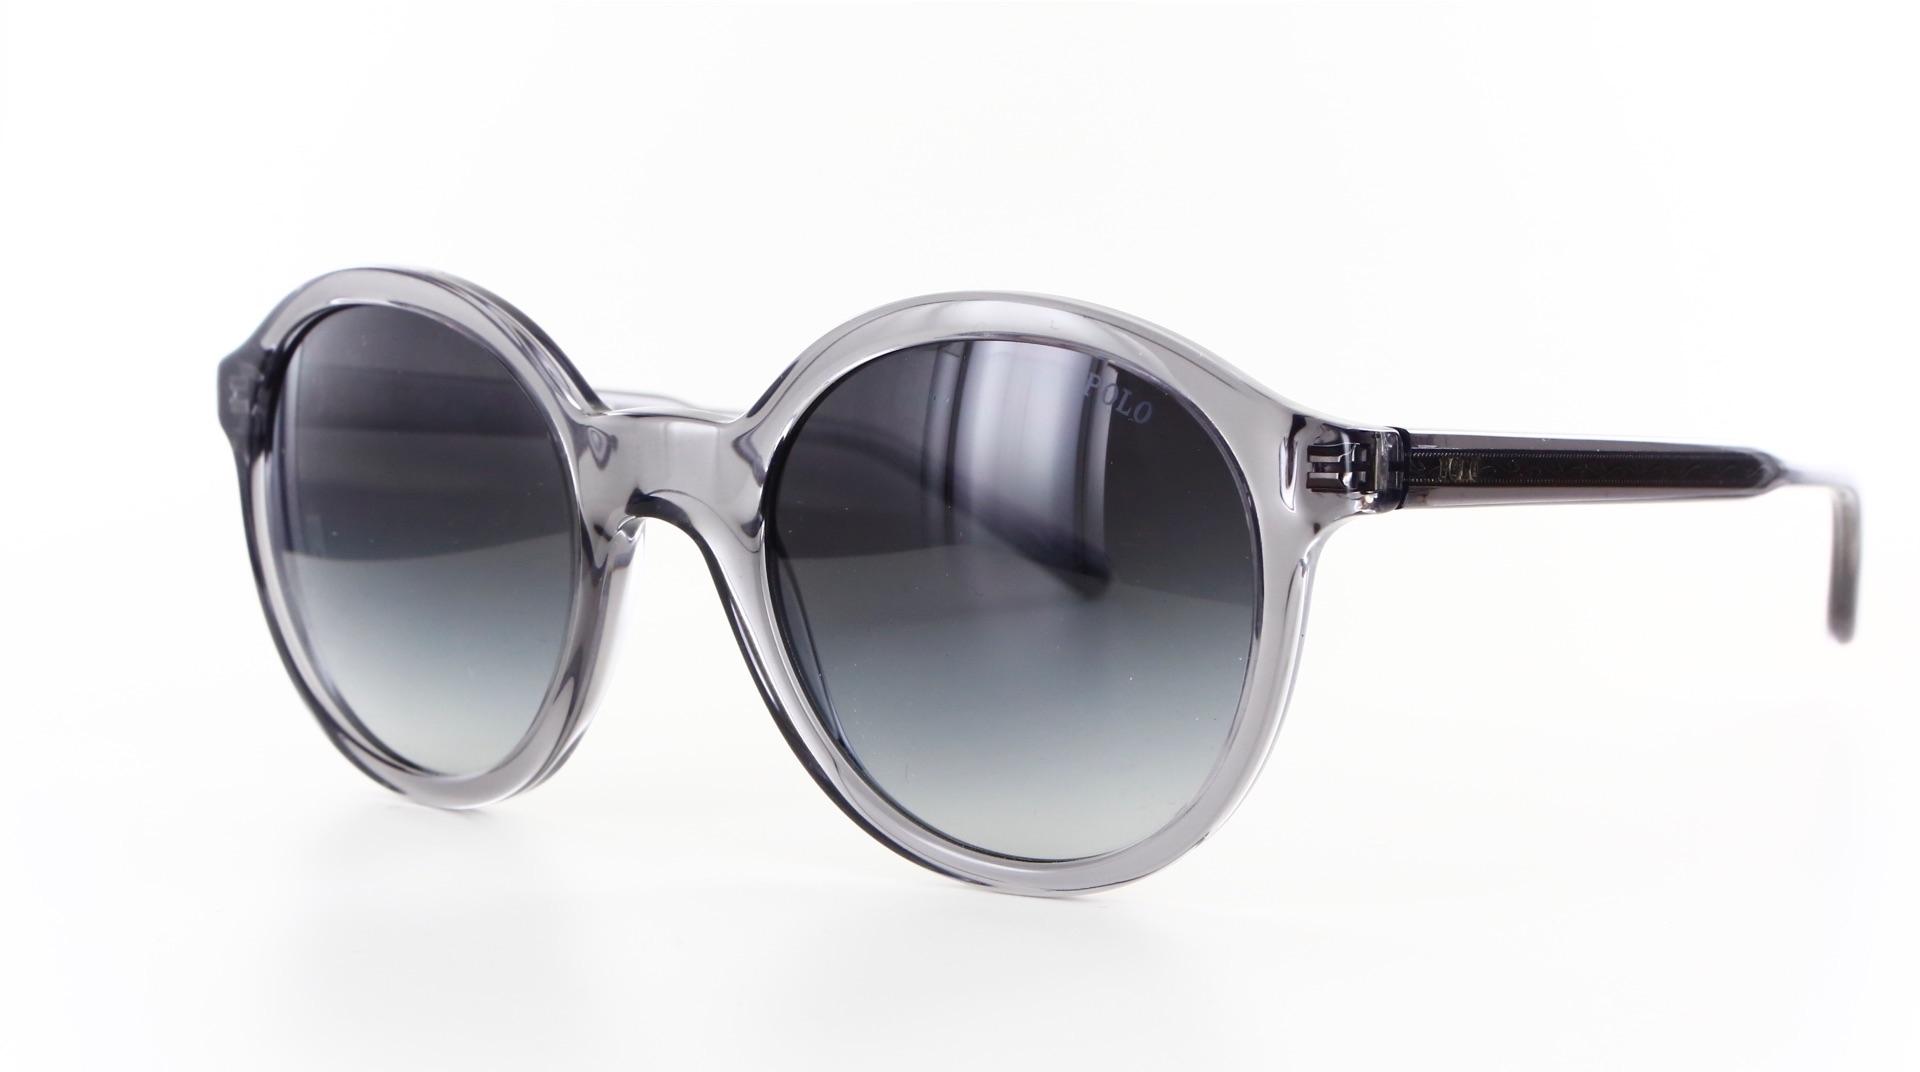 c9da3b1d2480 Polo Ralph Lauren zonnebrillen - ref  77231